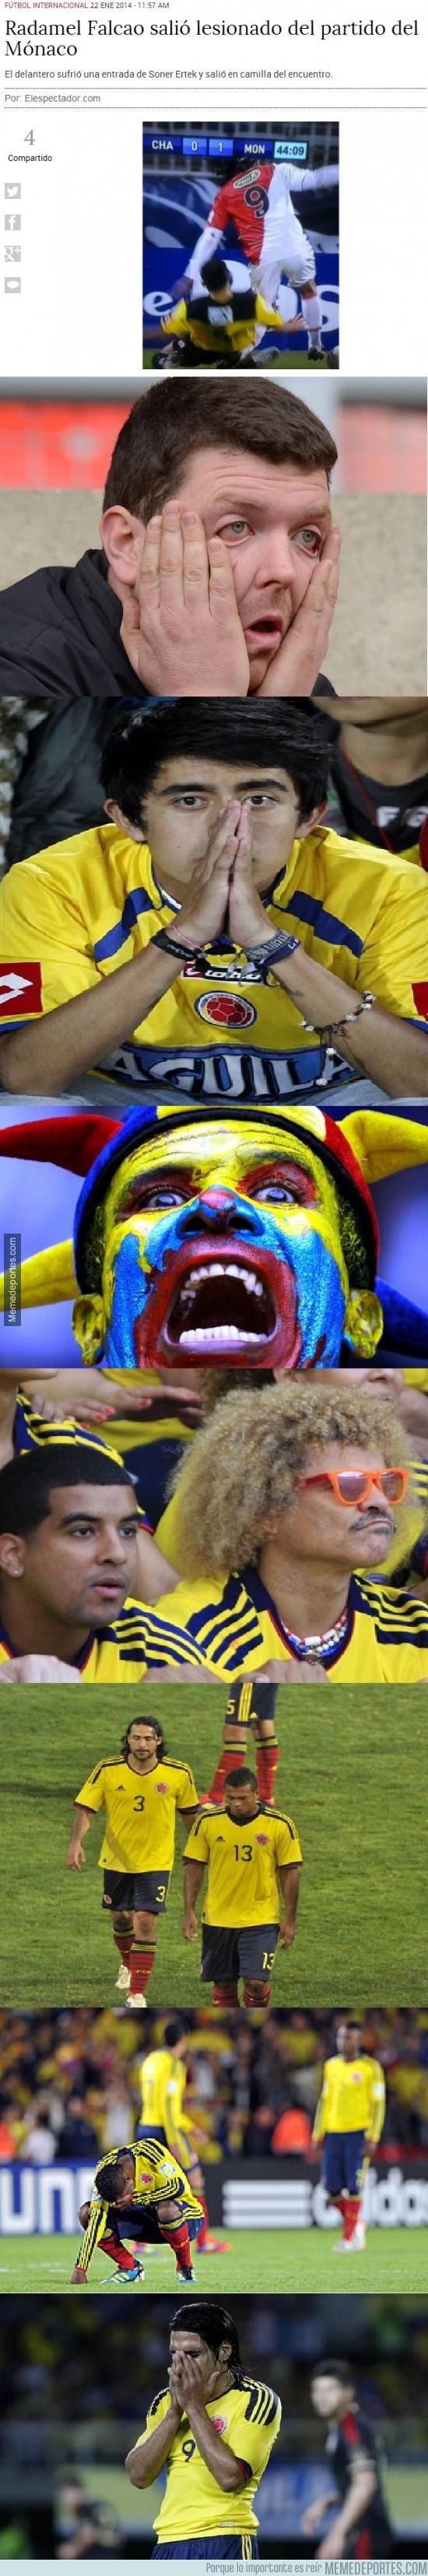 251957 - Y ahora sí, los colombianos están jodidos